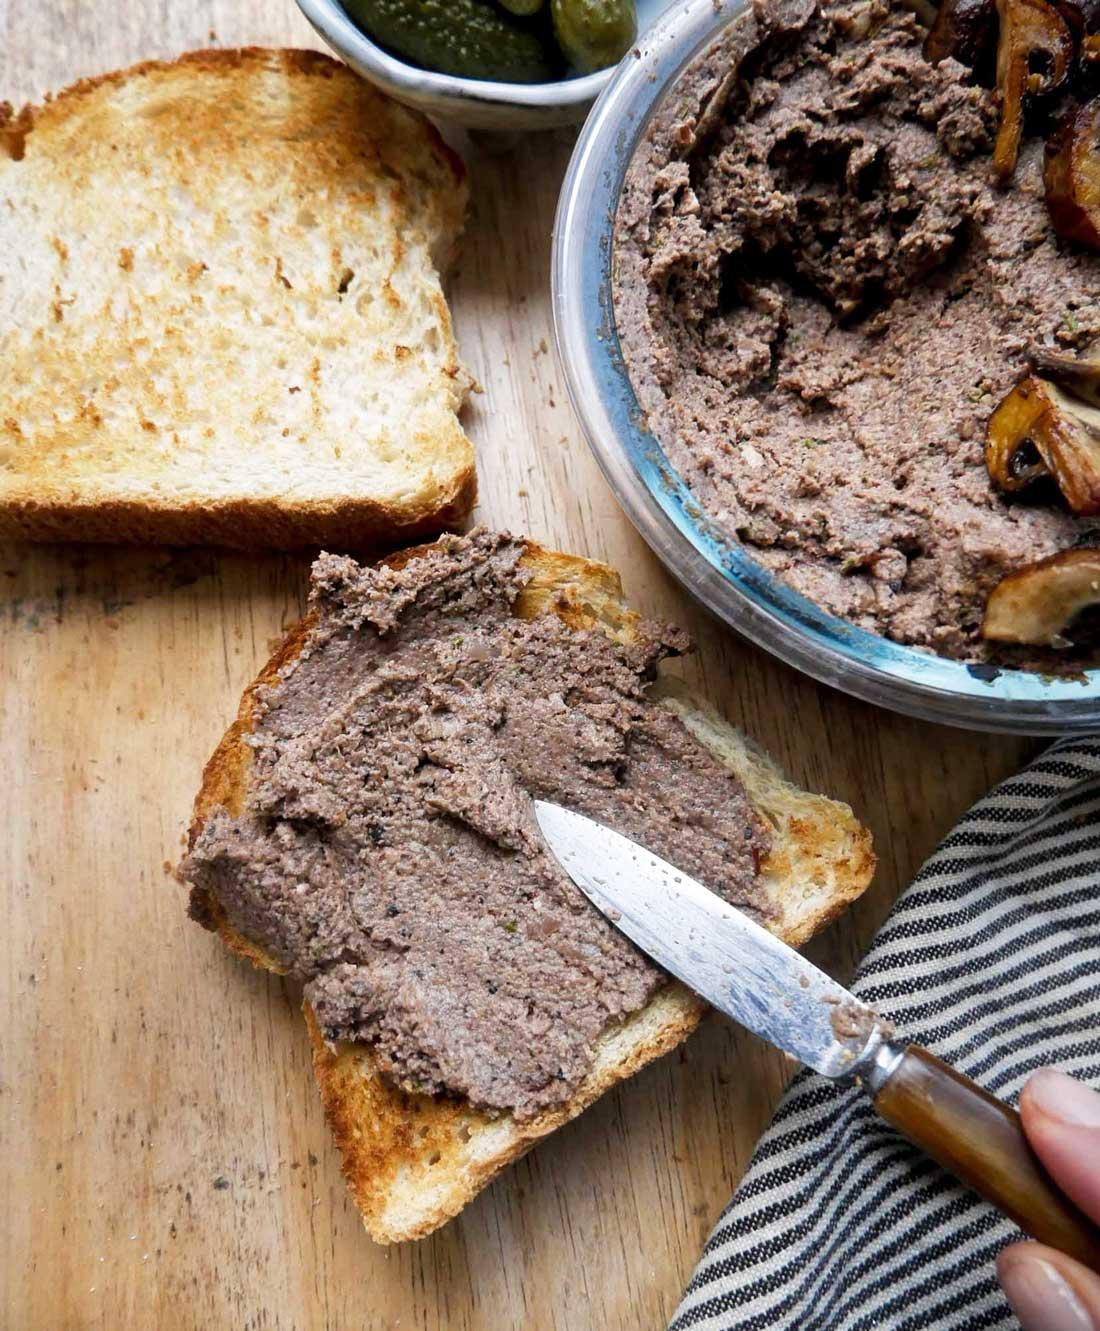 leverpostej uden kød til vegetar eller vegansk frokost